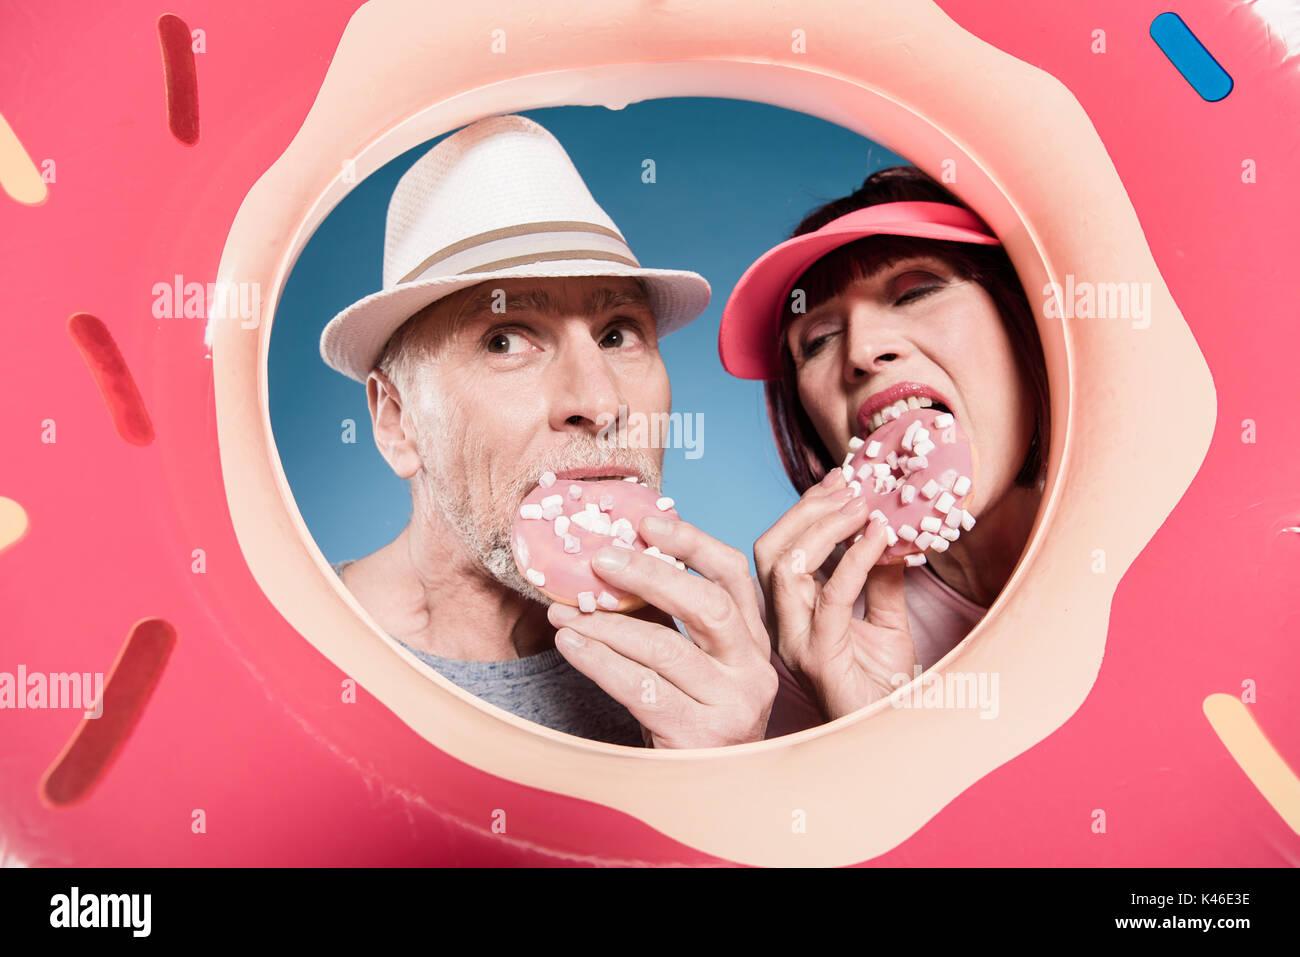 Ritratto di coppia di anziani mangiare ciambelle dolci nel tubo di nuoto Immagini Stock